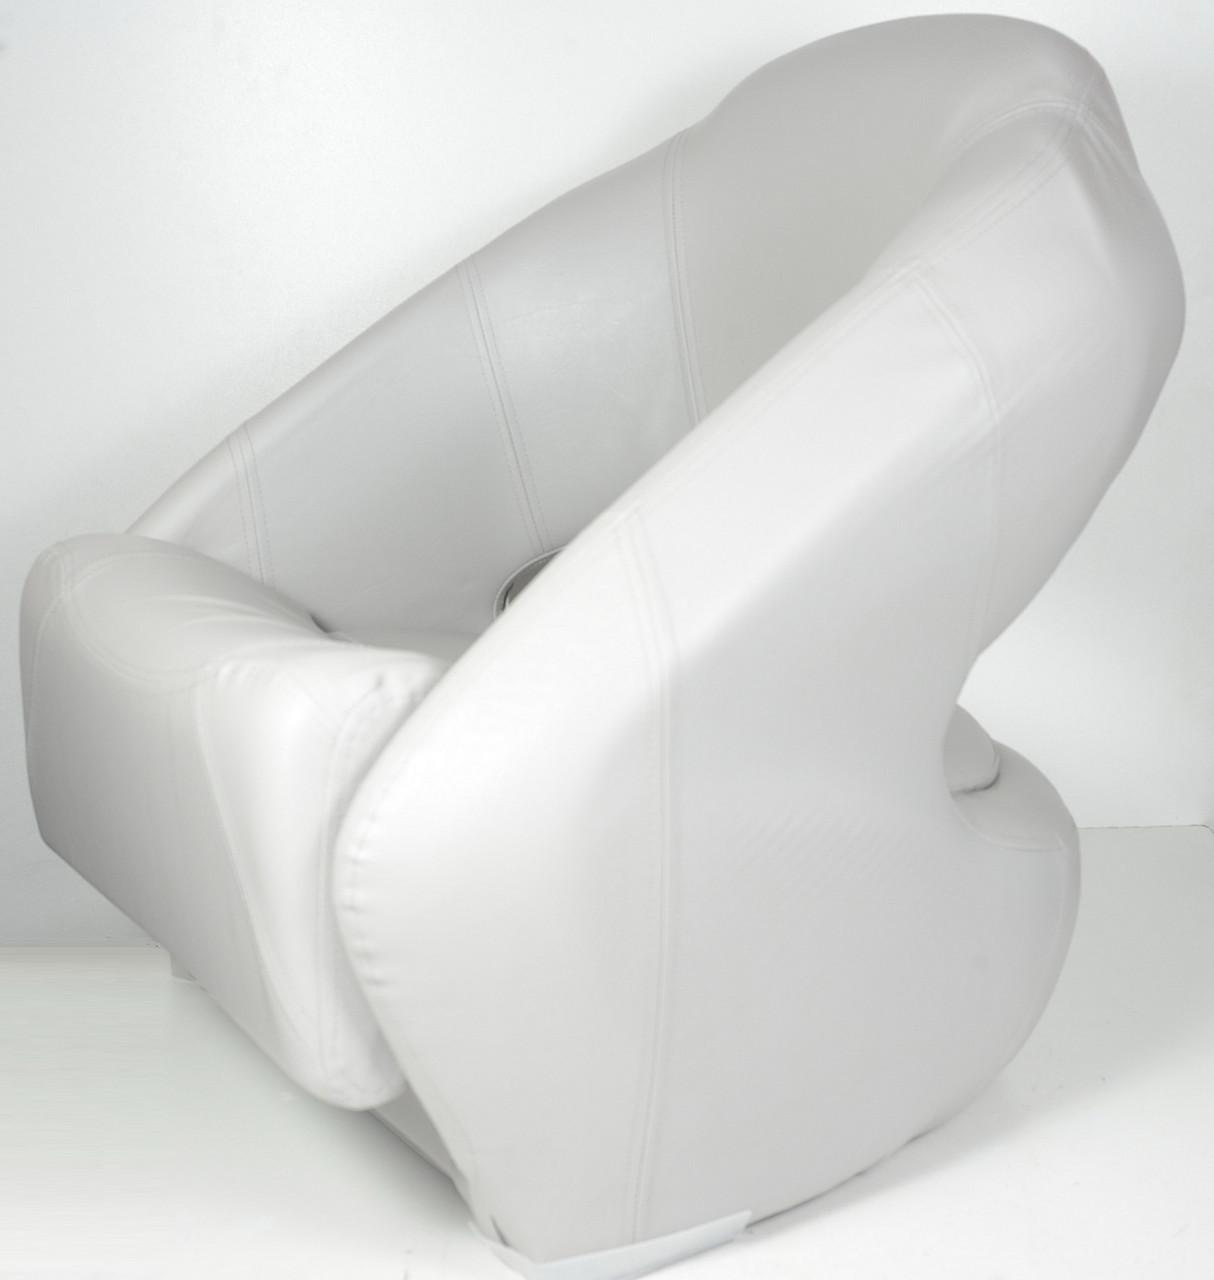 Кресло сиденье серое для лодки и катера Premium Bucket с системой flip-up, 86551G